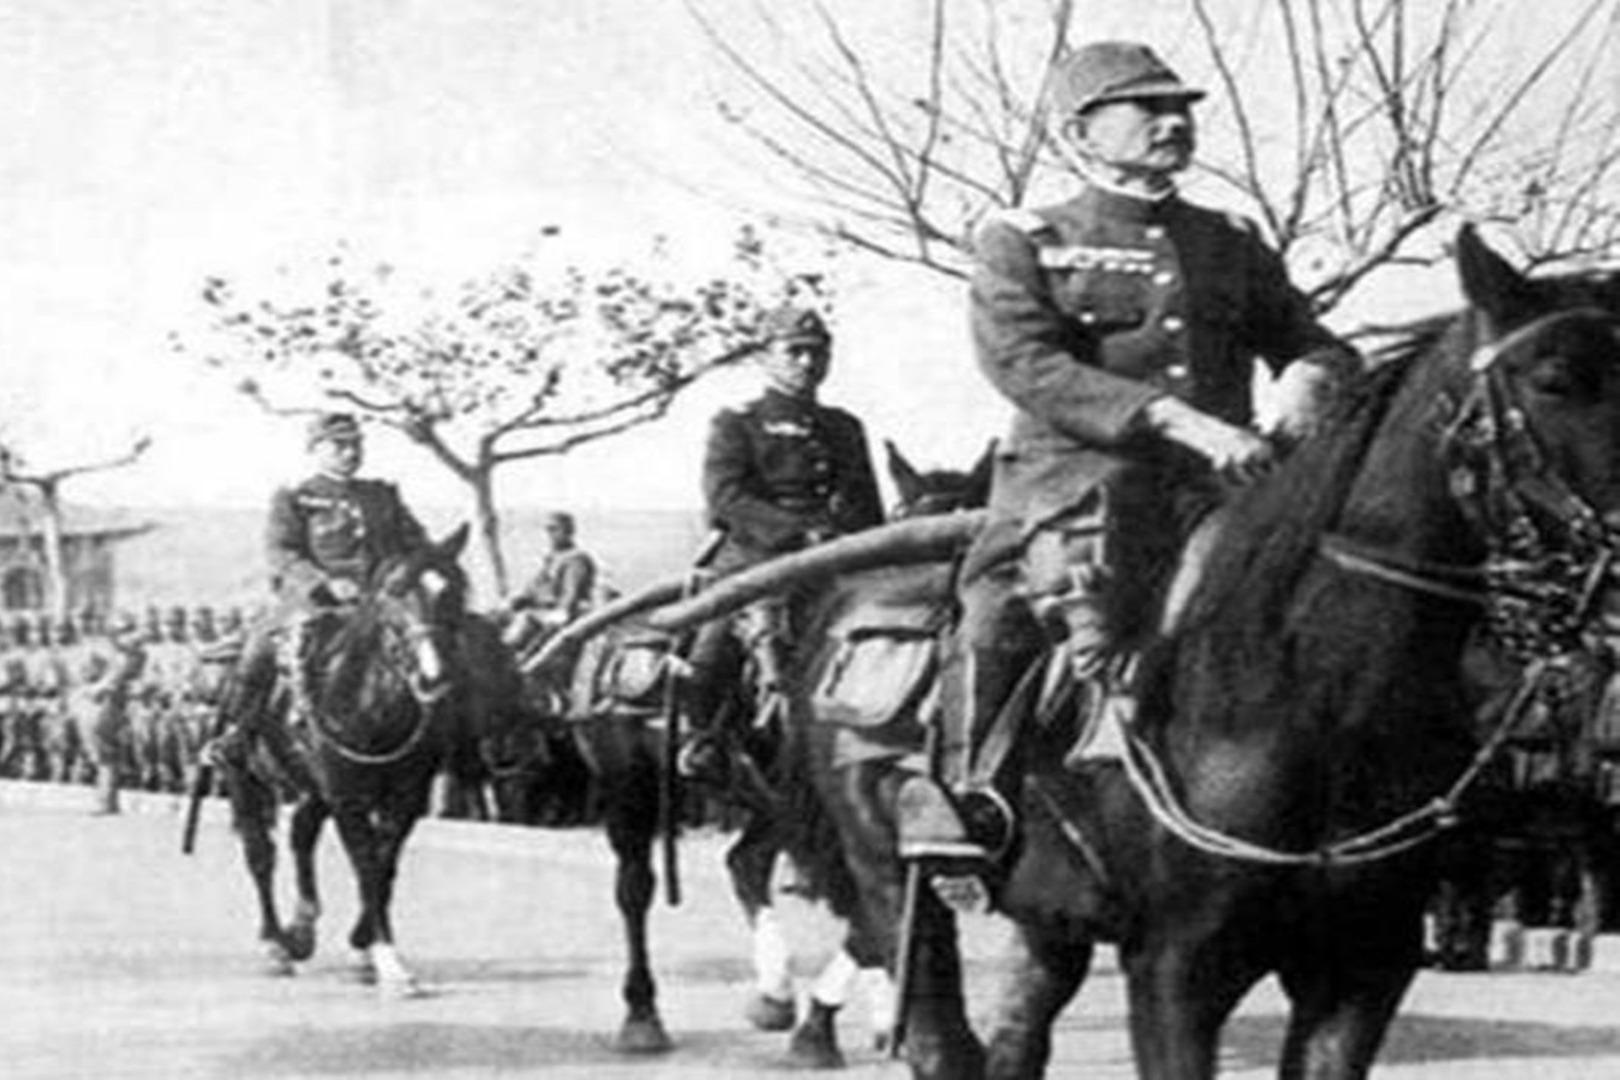 参加南京大屠杀的日本士兵到底有多残忍?他们难道没有愧疚感吗?